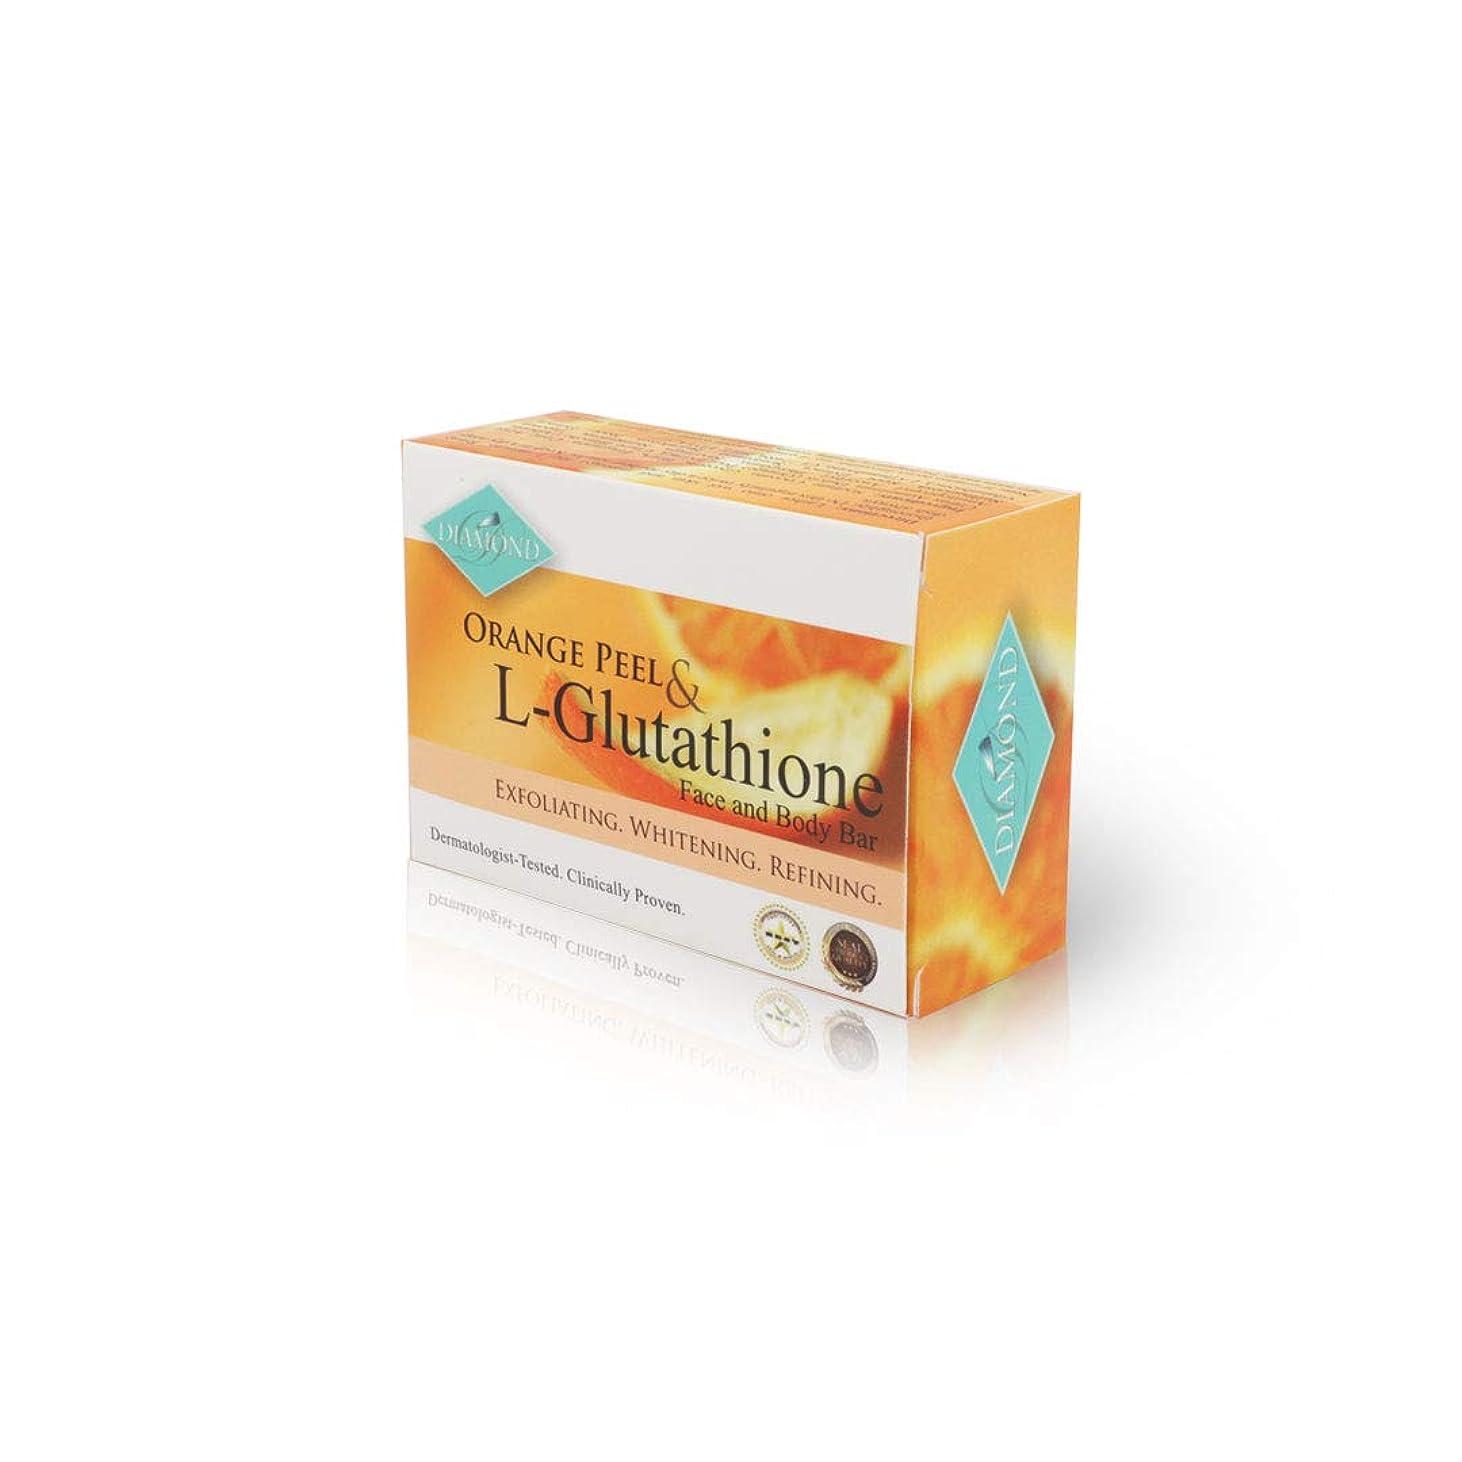 怒り迅速指定するDIAMOND ORANGE PEEL&Glutathione soap/オレンジピール&グルタチオン配合ソープ(美容石けん) 150g 正規輸入品